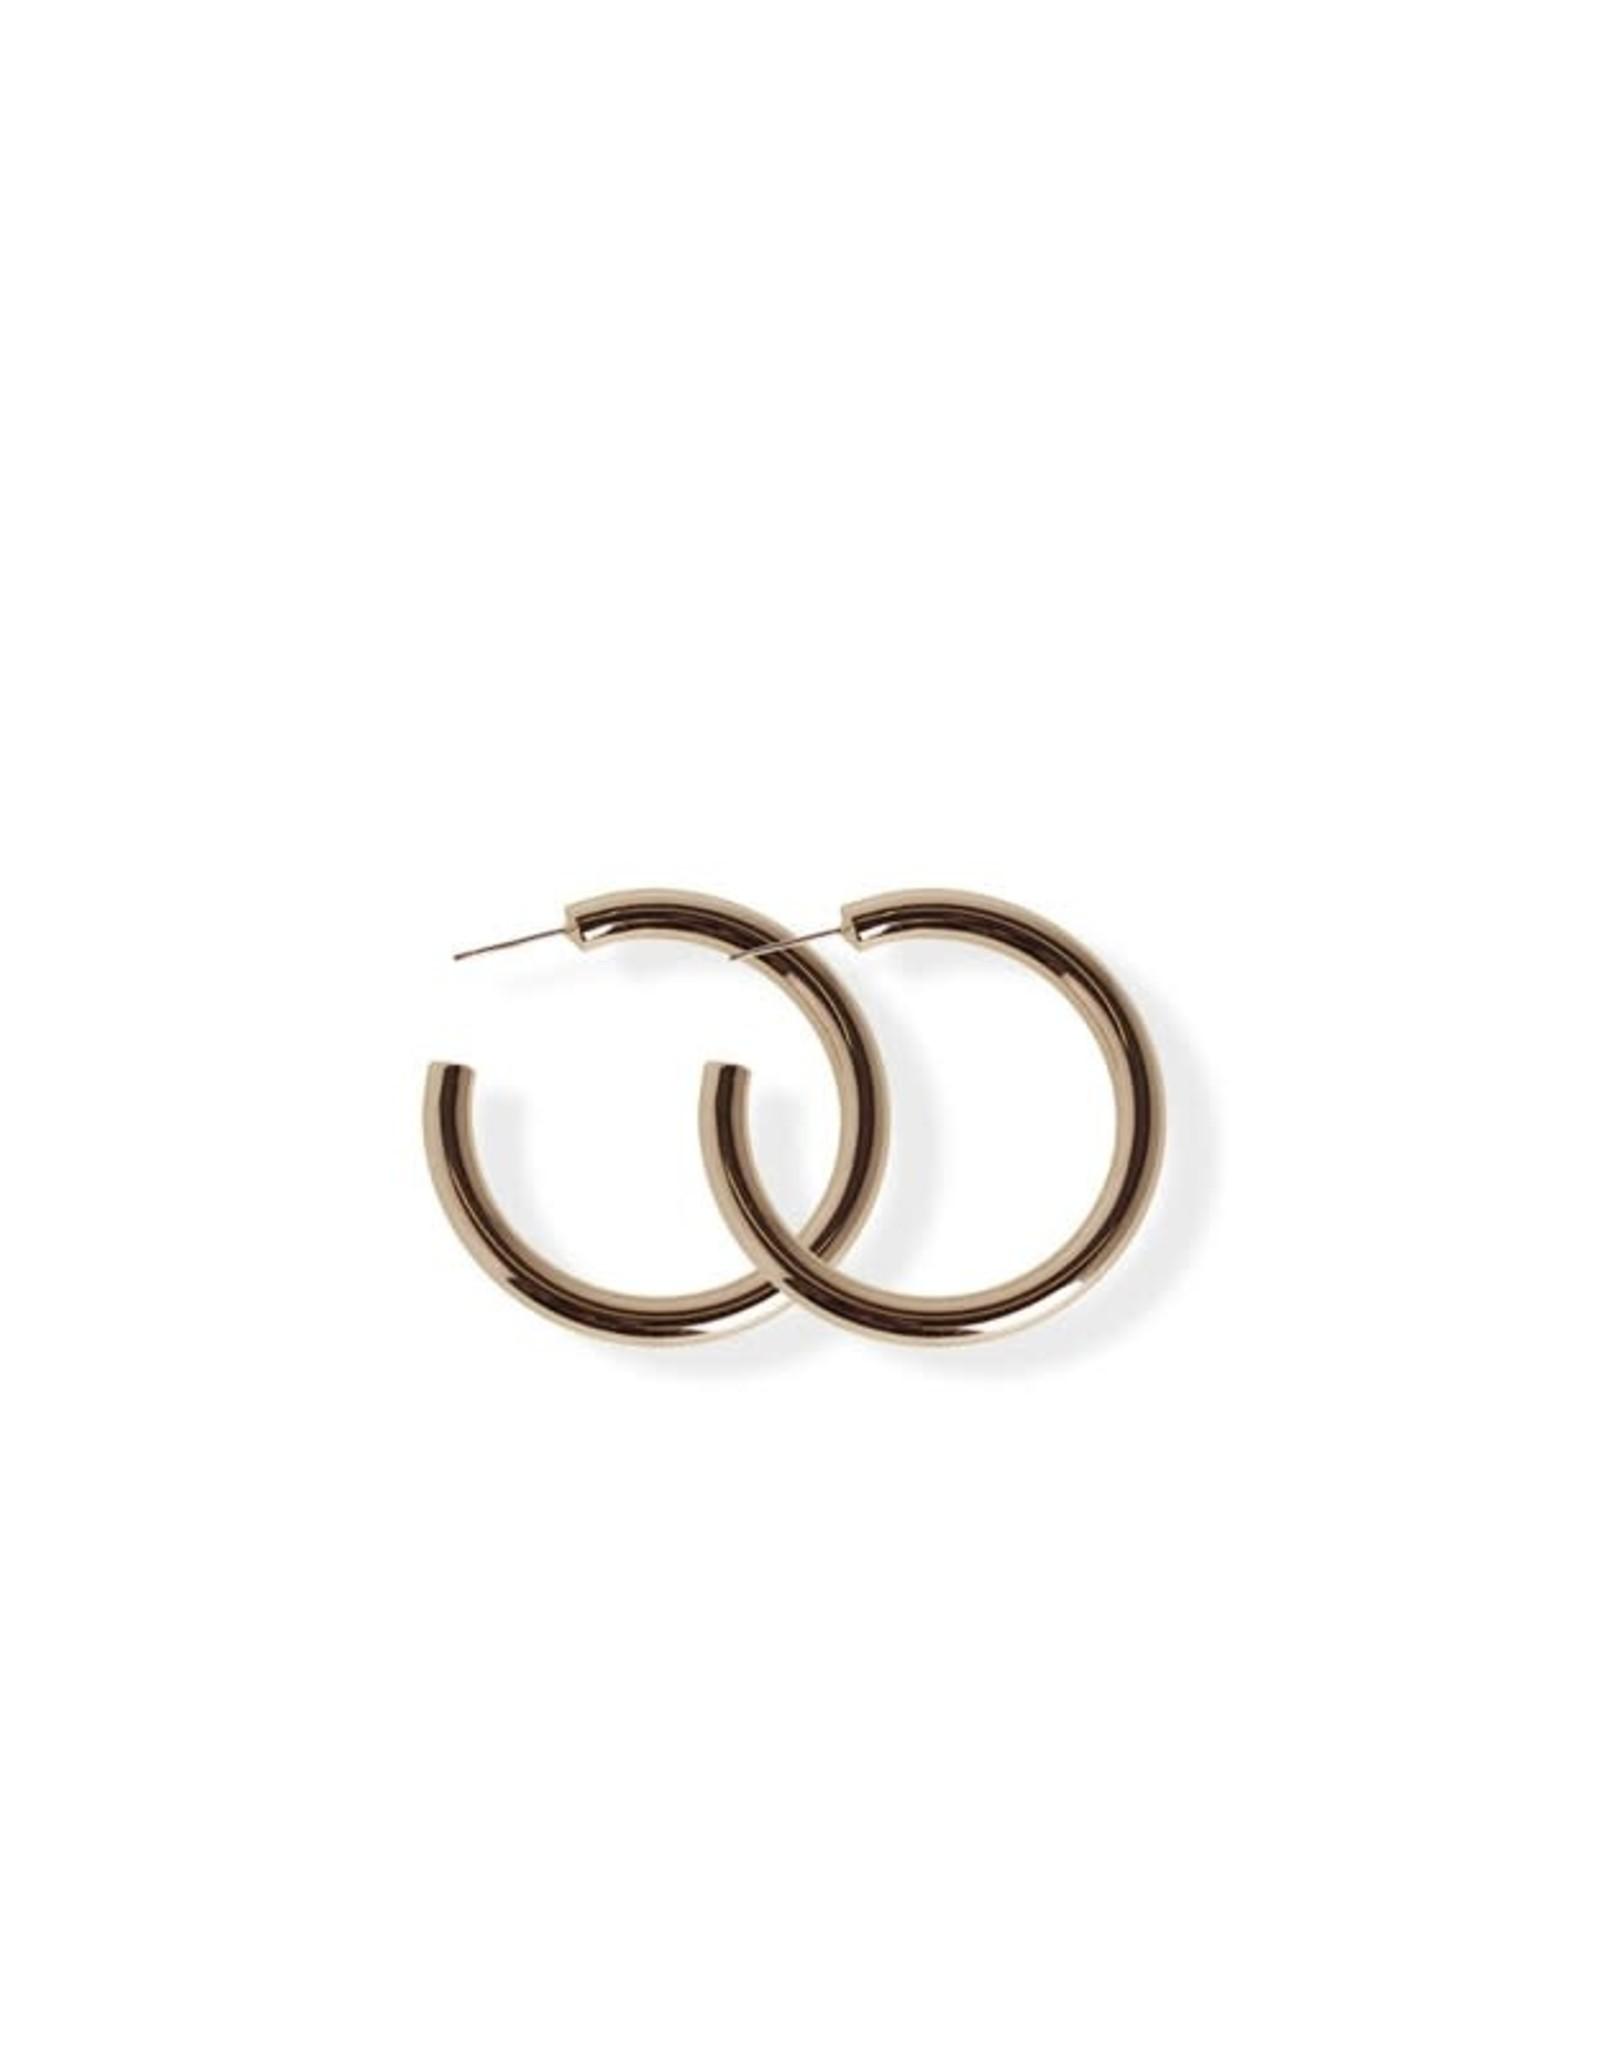 Fab accessories Anneaux épais en acier inoxydable